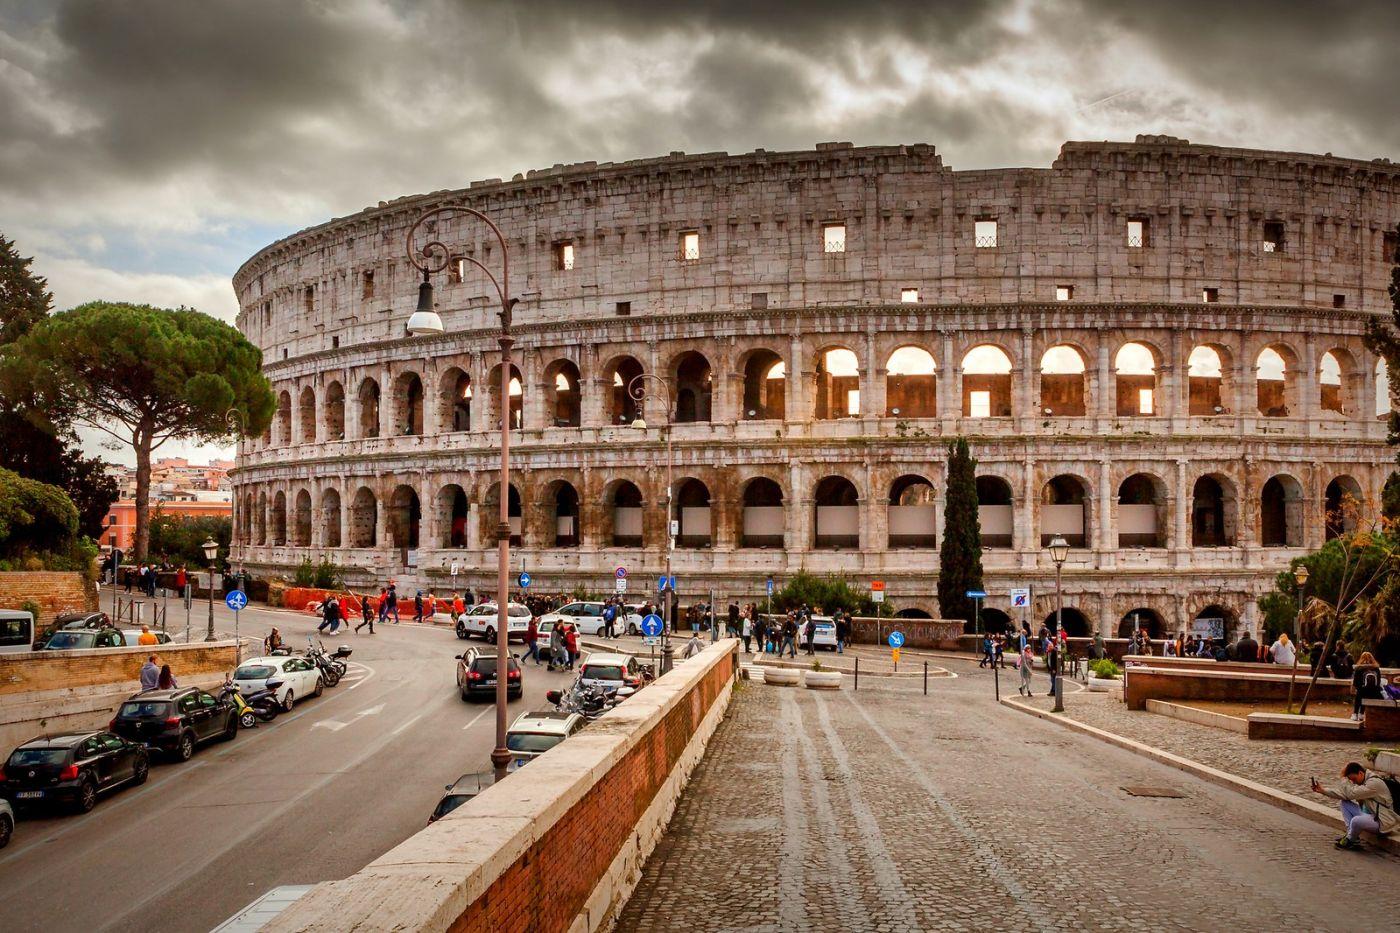 罗马斗兽场(Colosseum), 两千年的宏大建筑古迹_图1-18